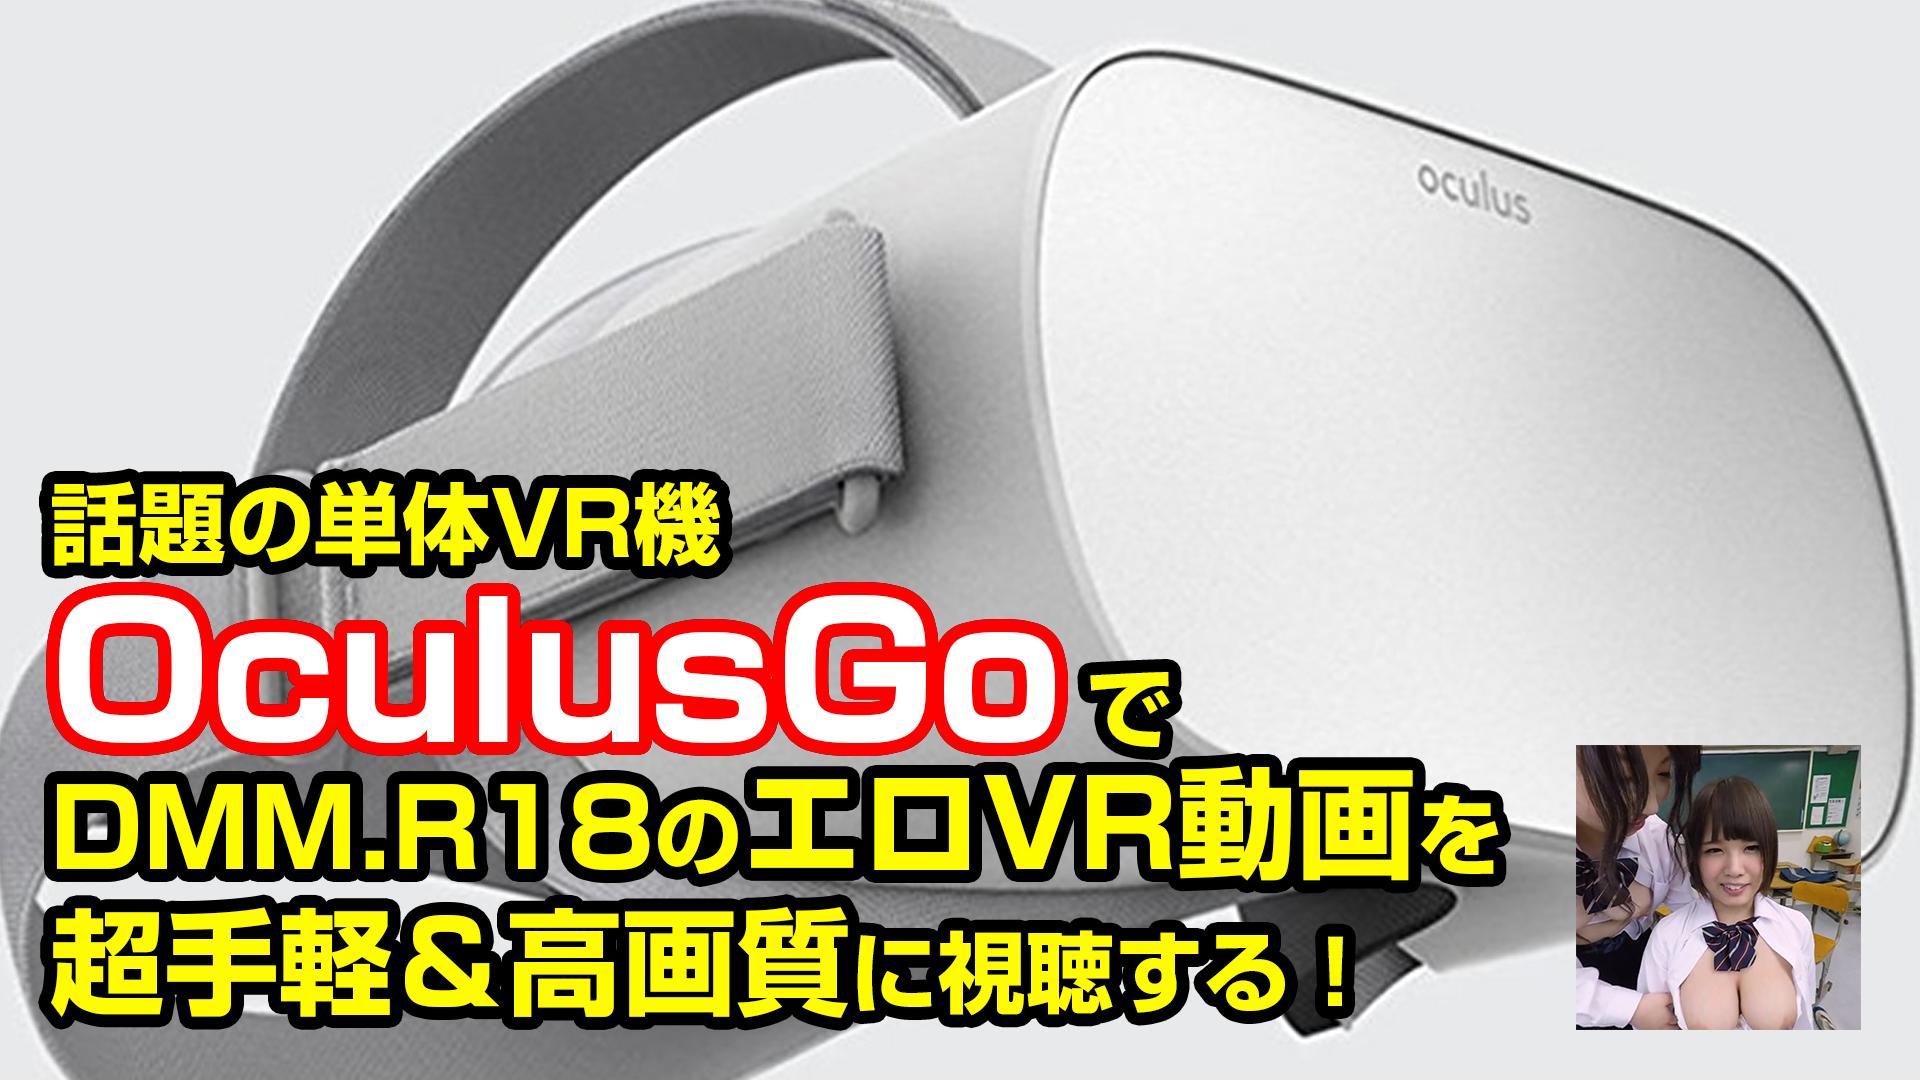 話題の単体VR機OculusGoでDMM.R18のエロVR動画を超手軽&高画質に視聴する!